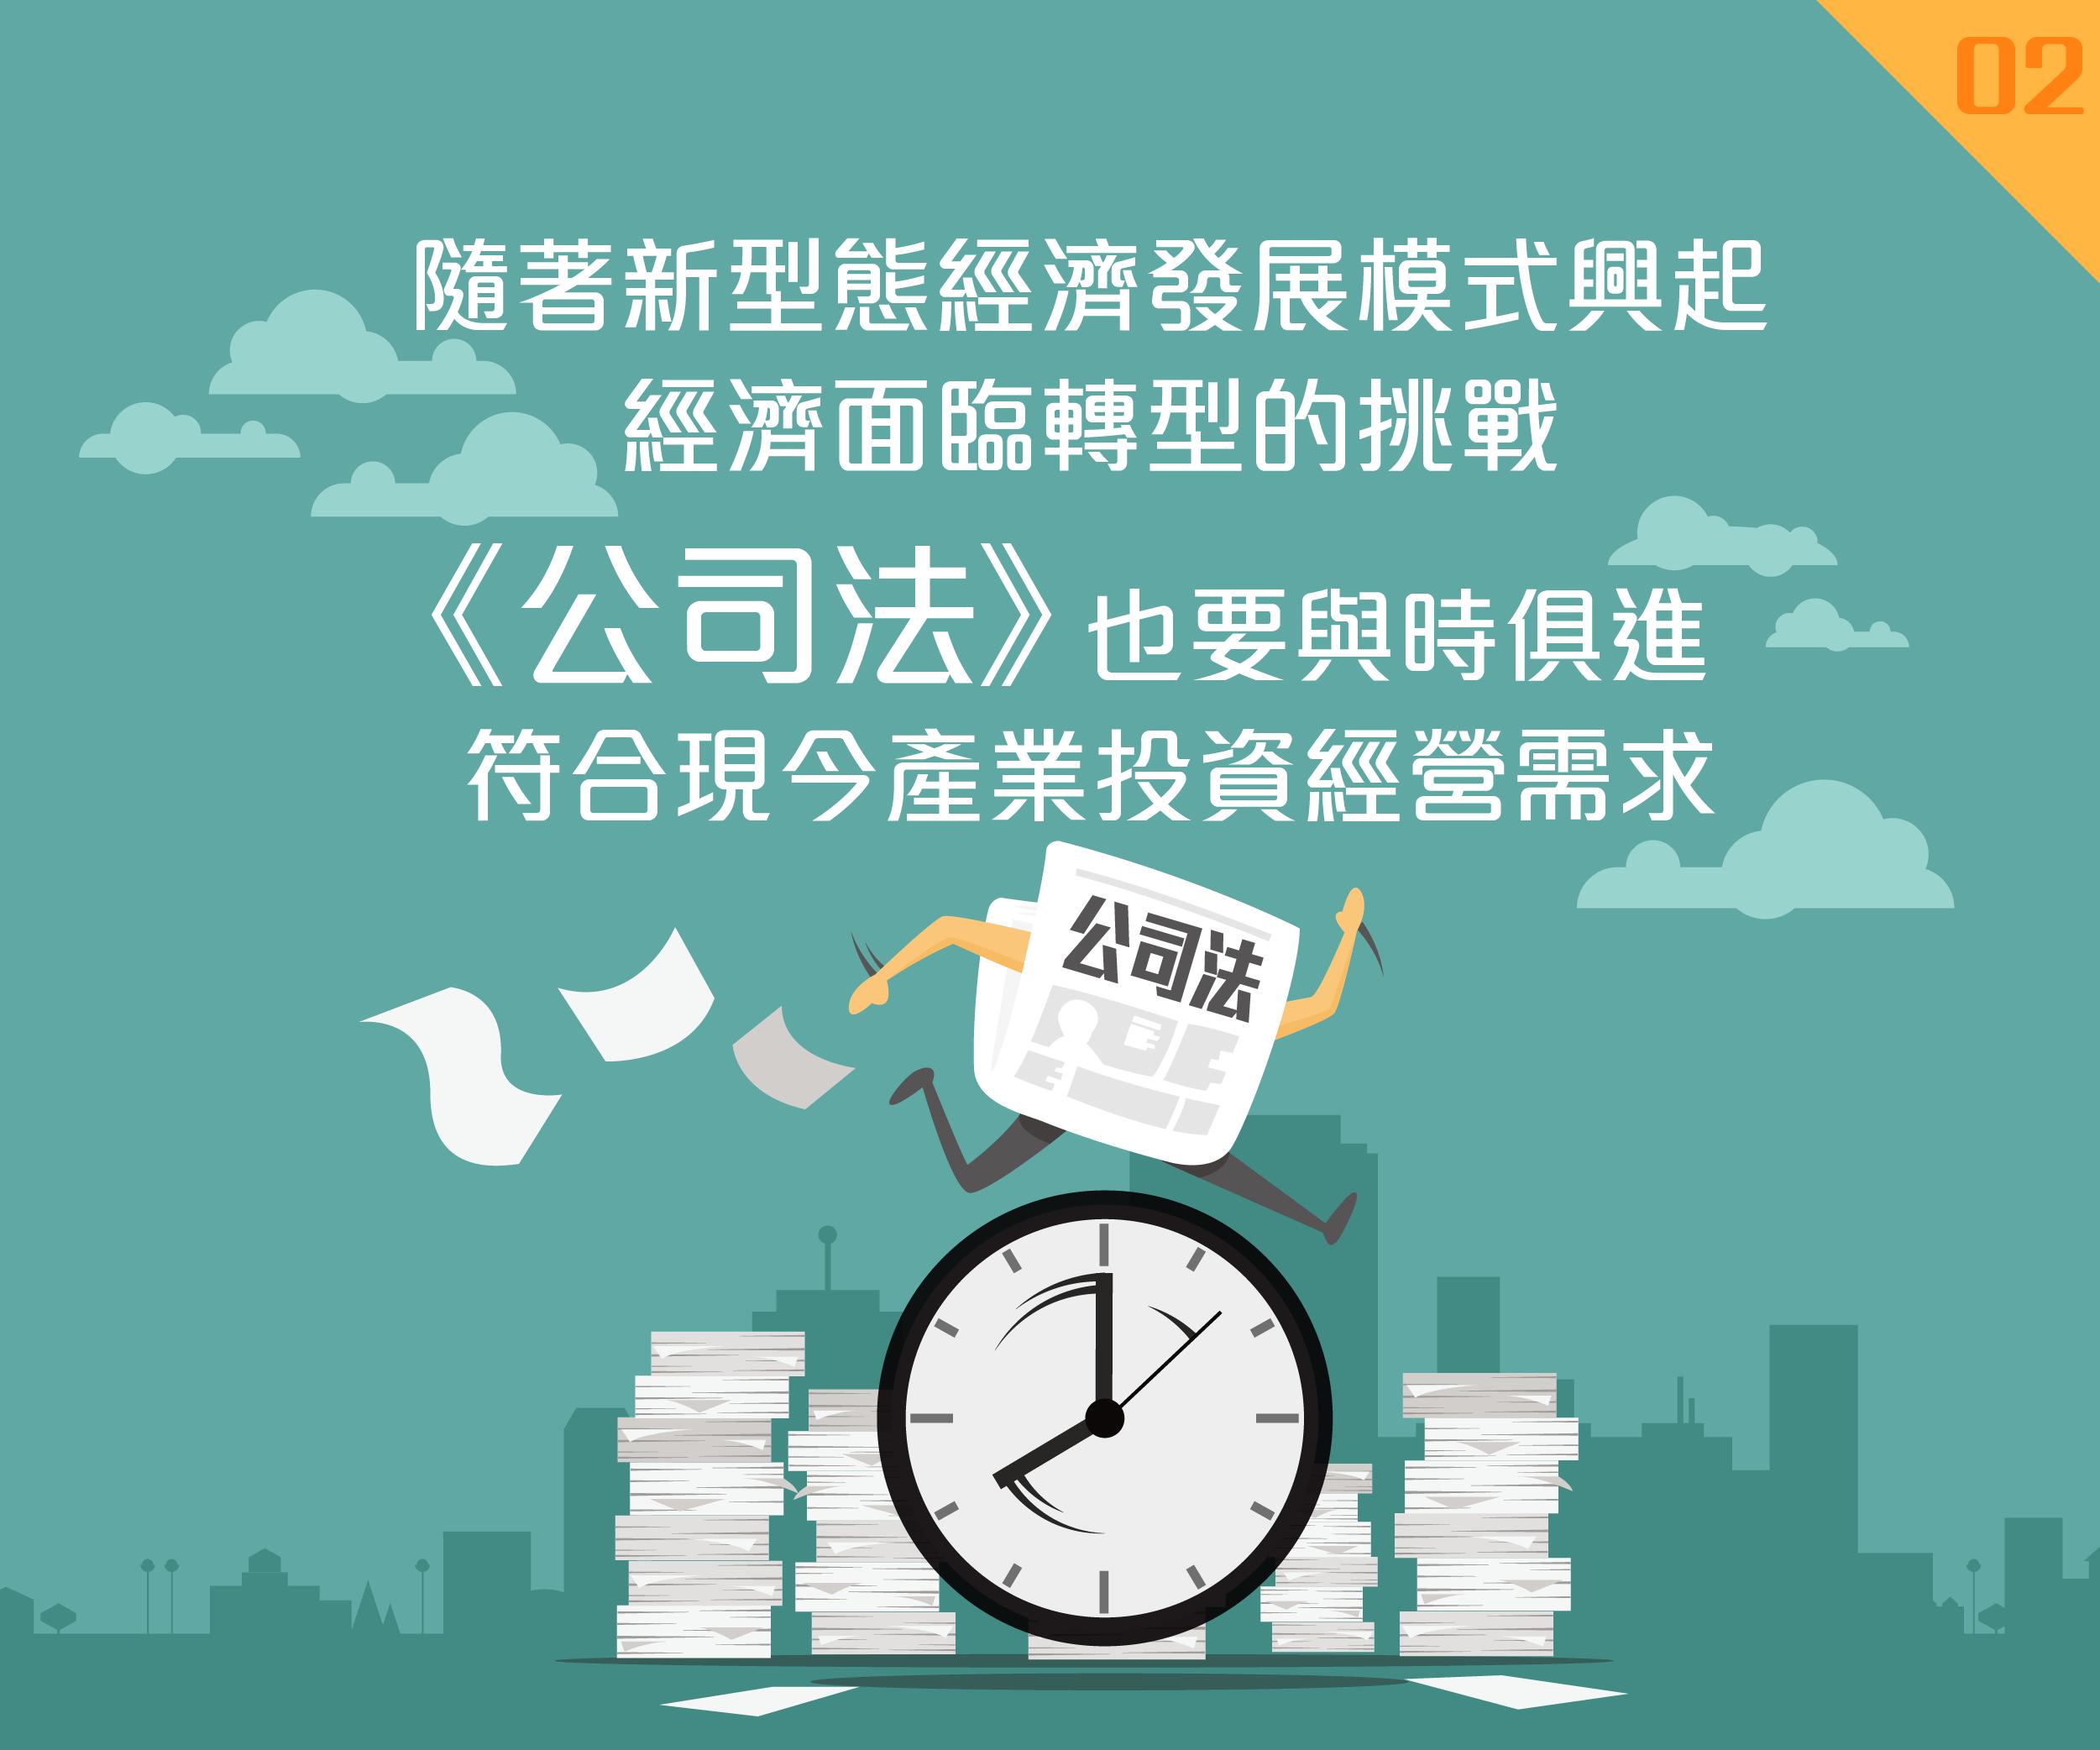 公司法懶人包修改2018-0827-03